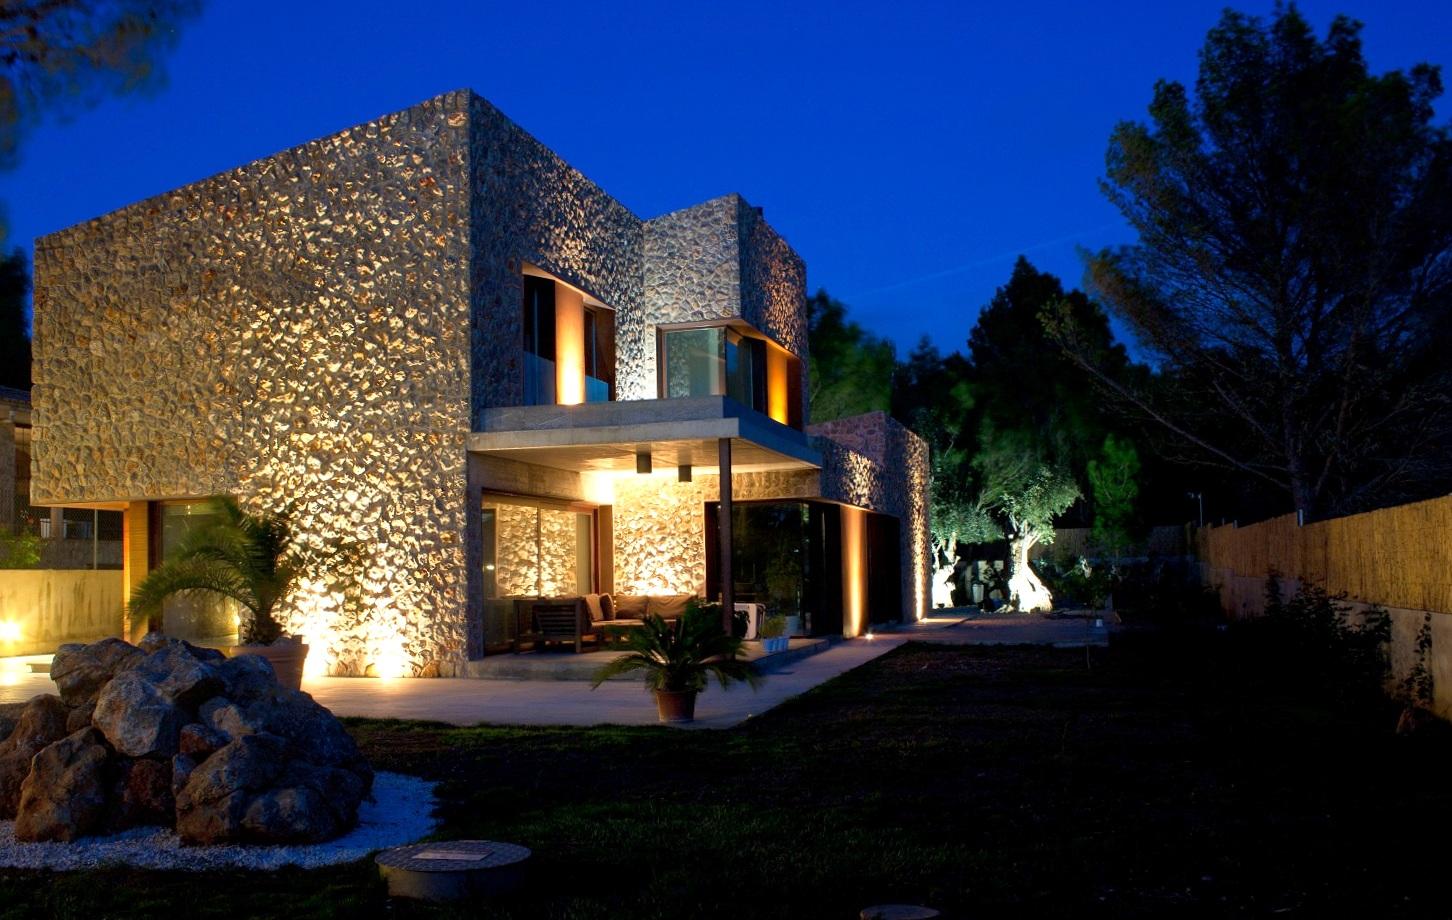 E2r Arquitectura S.L.